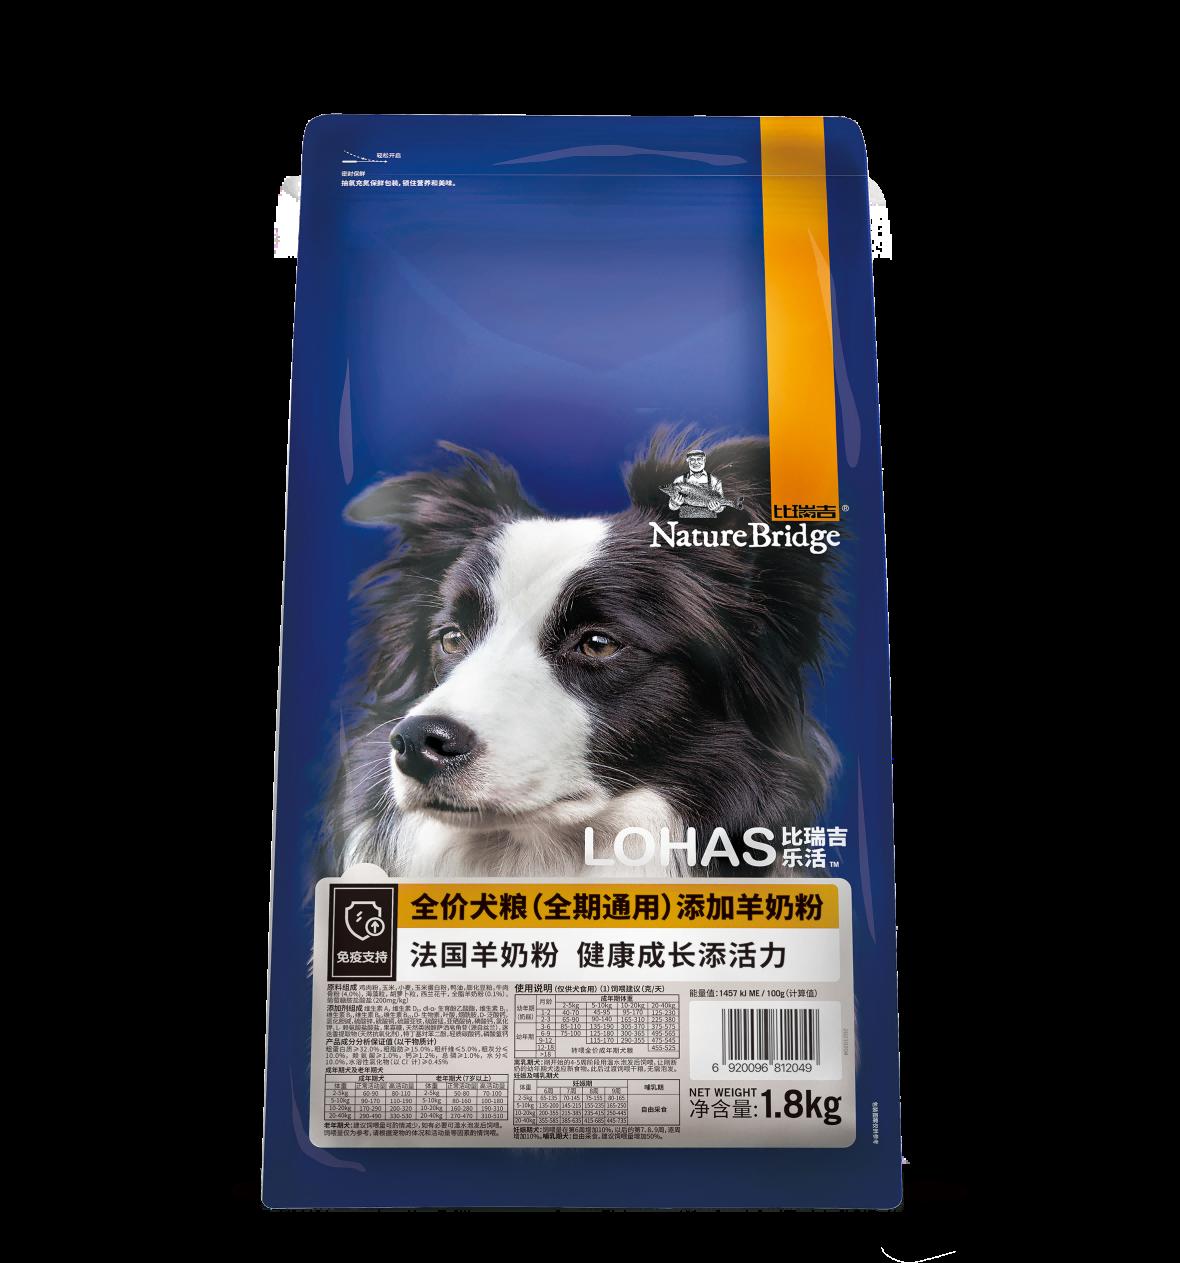 比瑞吉乐活全价犬粮(全期通用)添加羊奶粉